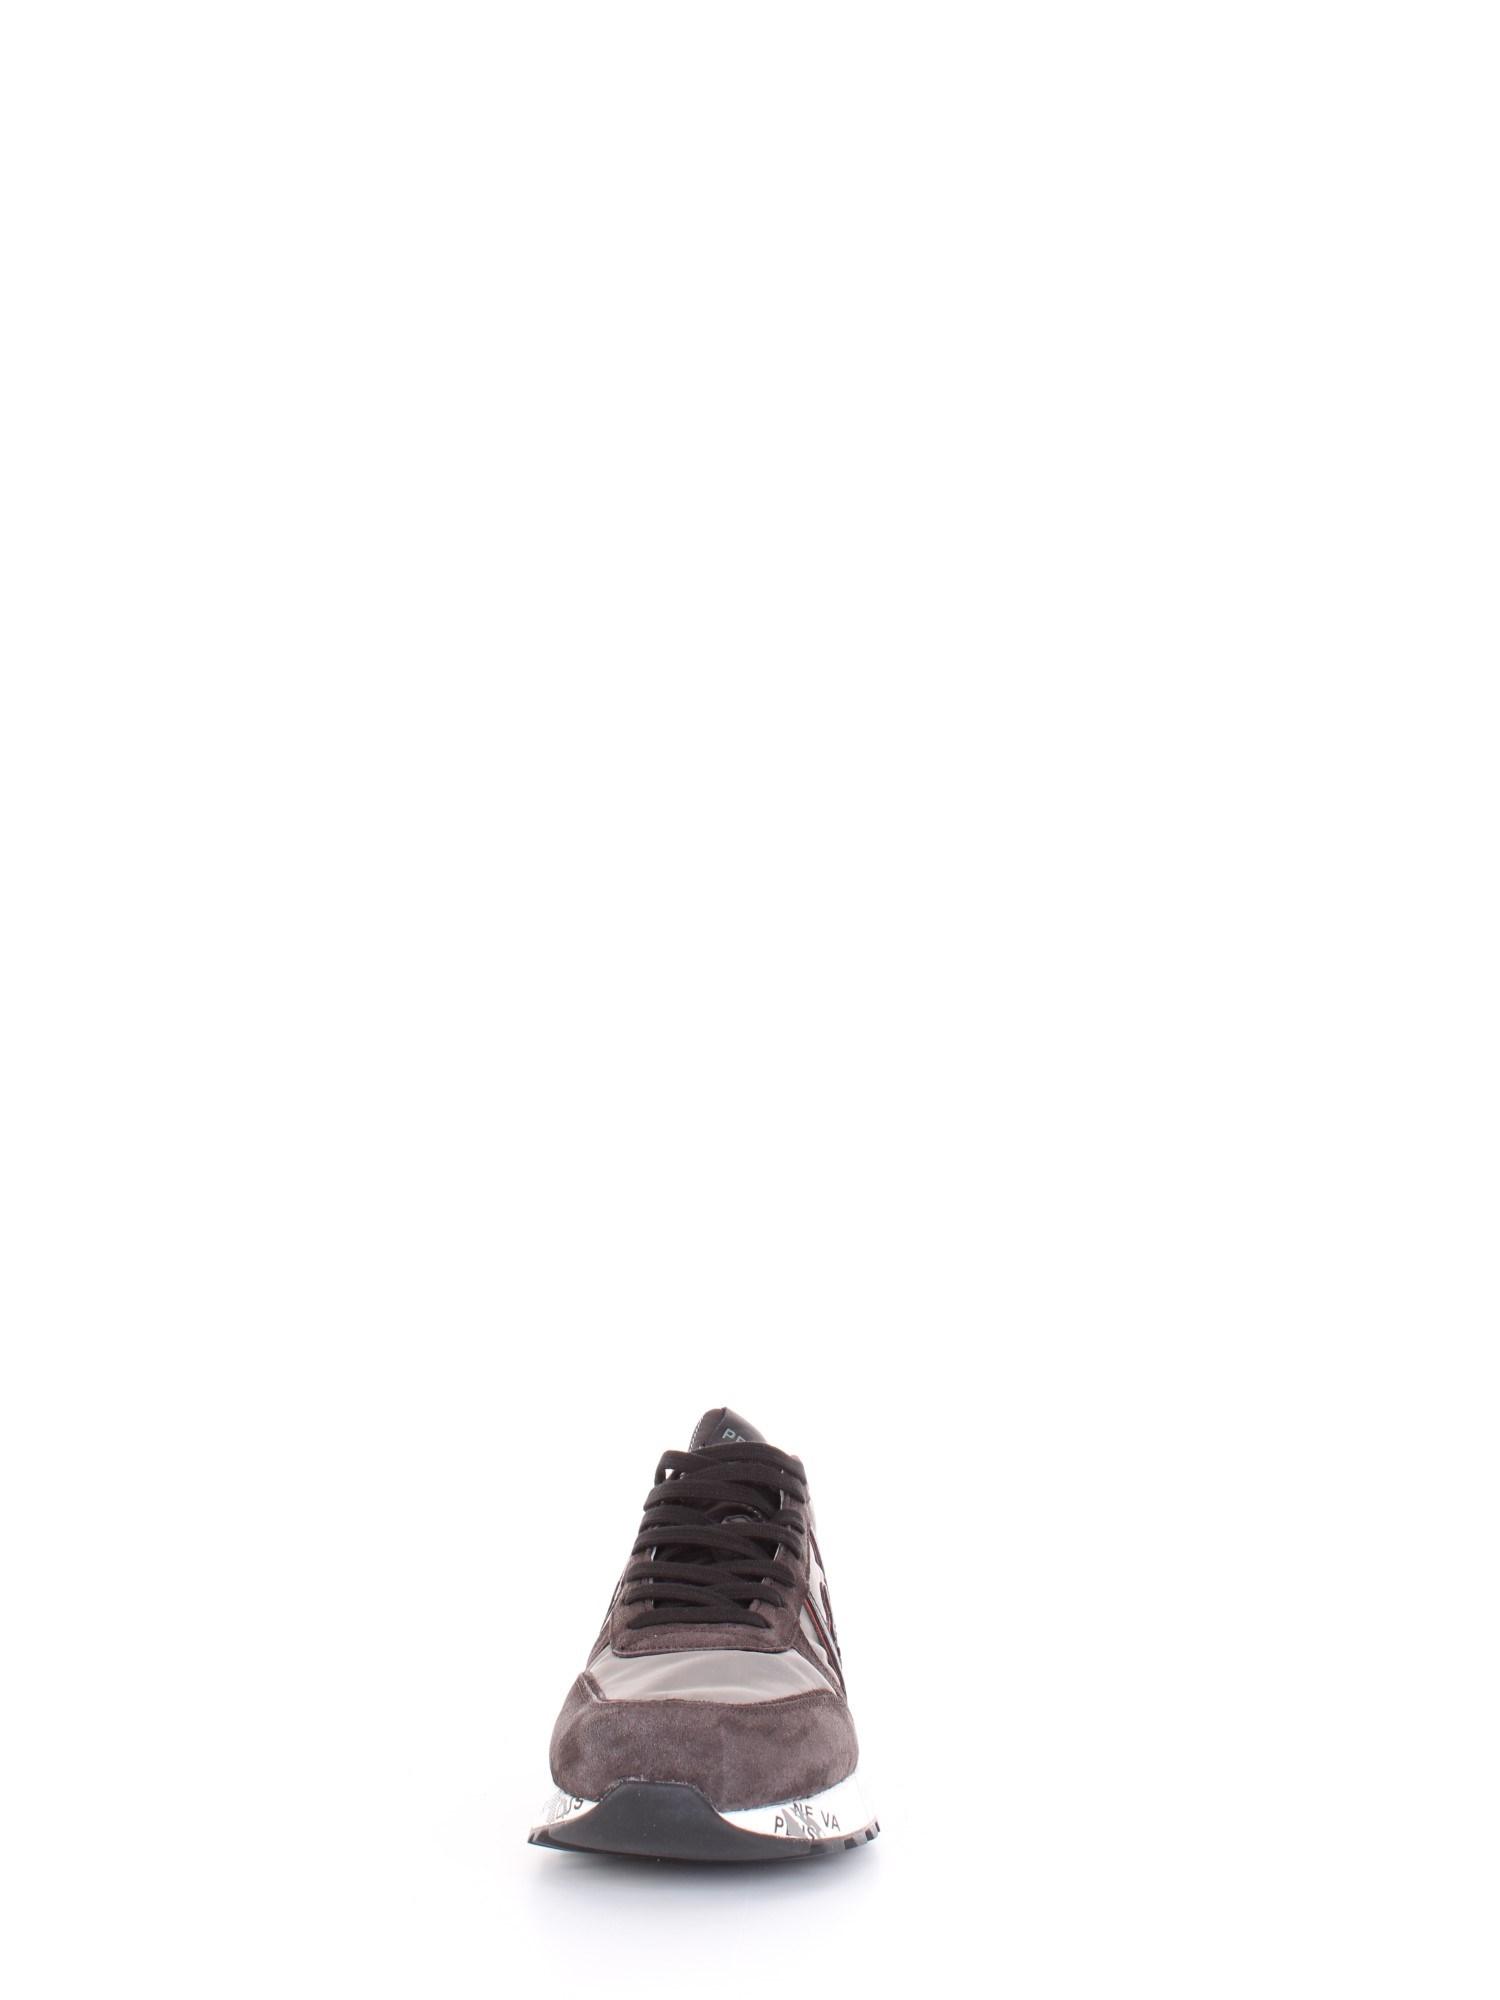 PREMIATA Uomo LANDER Grigio arancio-4149 Sneakers Autunno//Inverno suede nylon